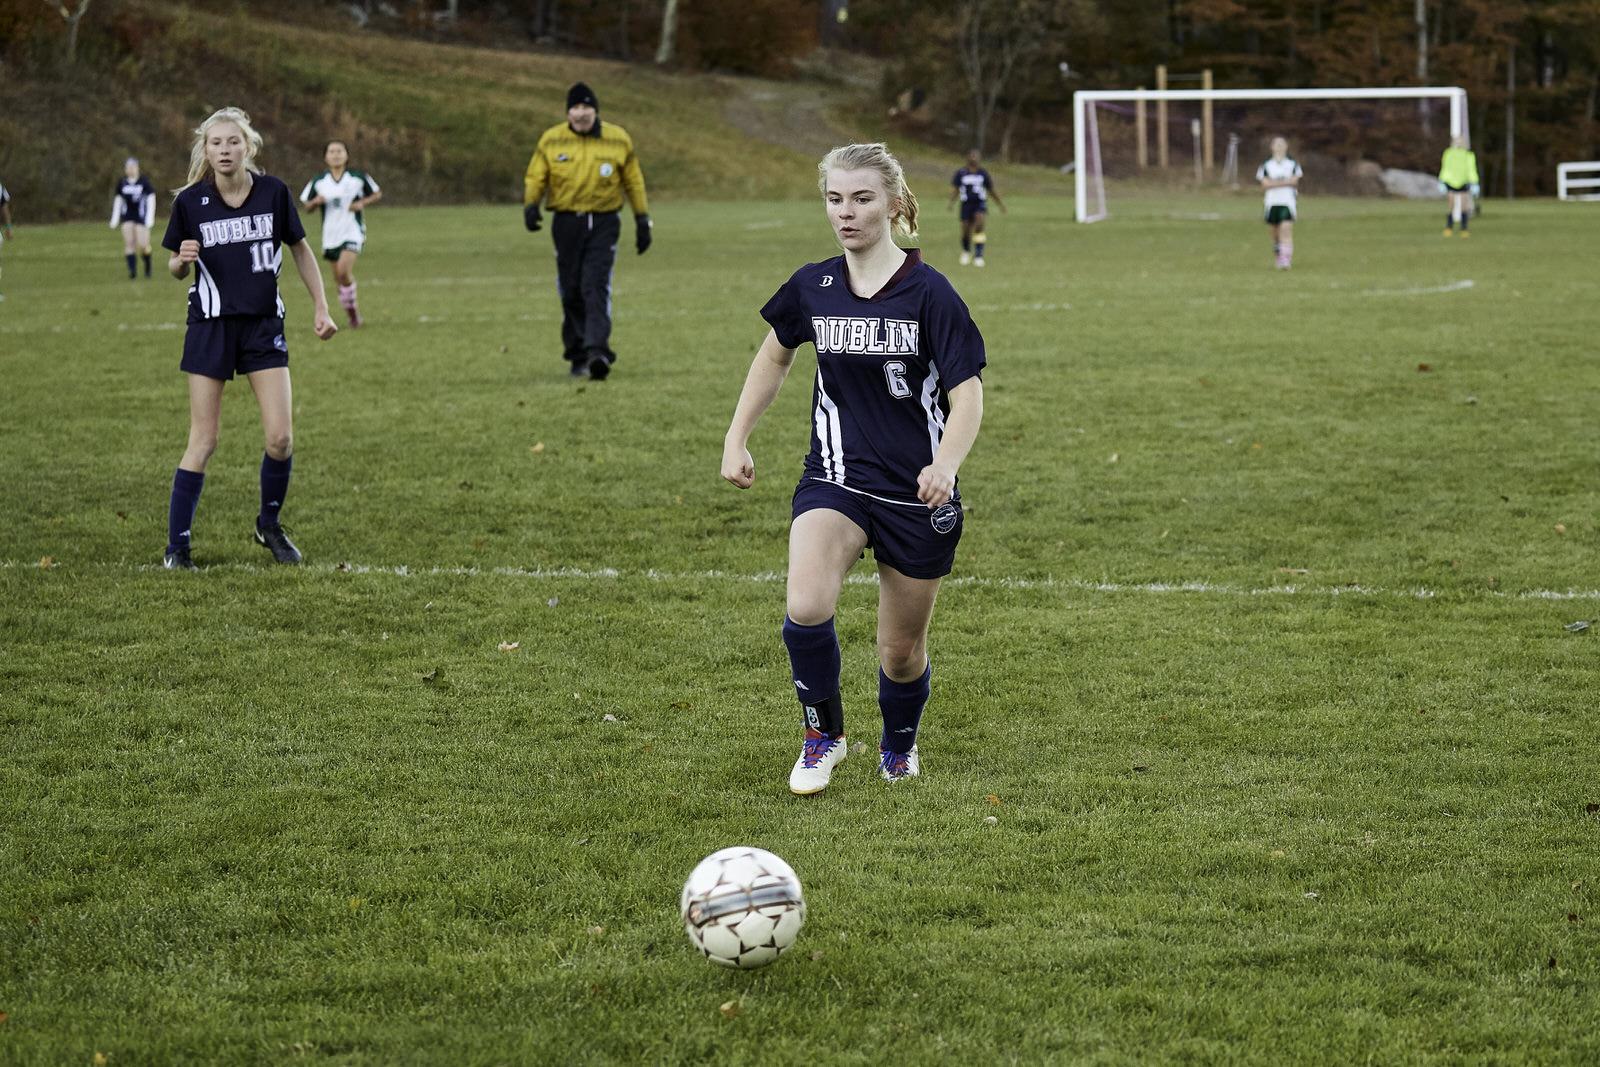 Girls Varsity Soccer vs. Eagle Hill School - October 30, 2018 139399.jpg